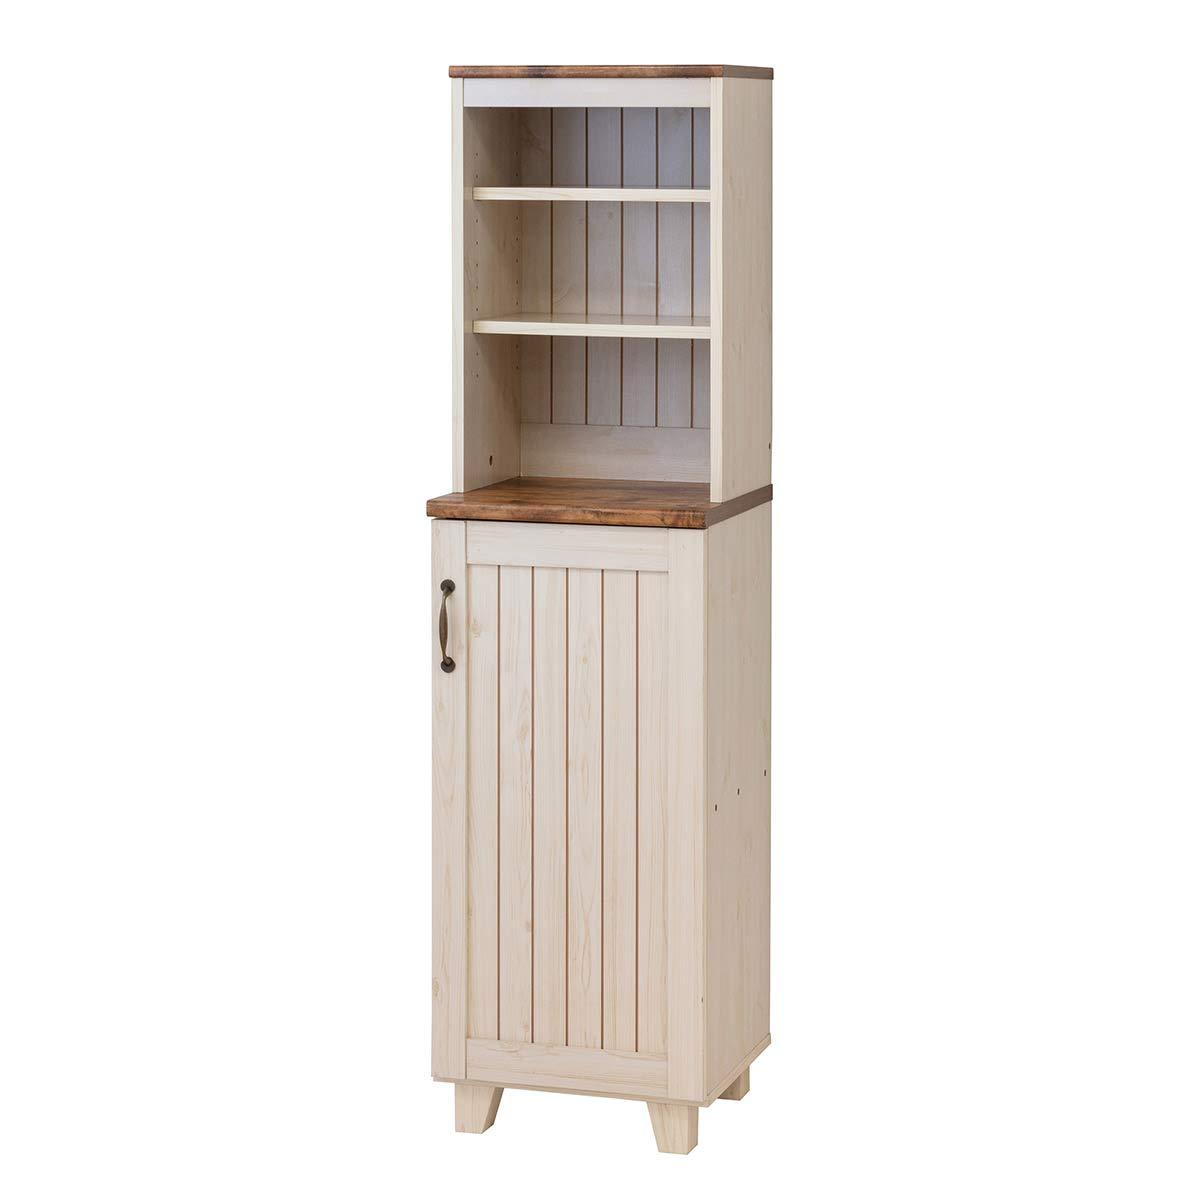 クロシオ 食器棚 ホワイト 幅40cm カントリー 収納 家具 キャビネット 036384 幅40cm  B07HXZRX9F